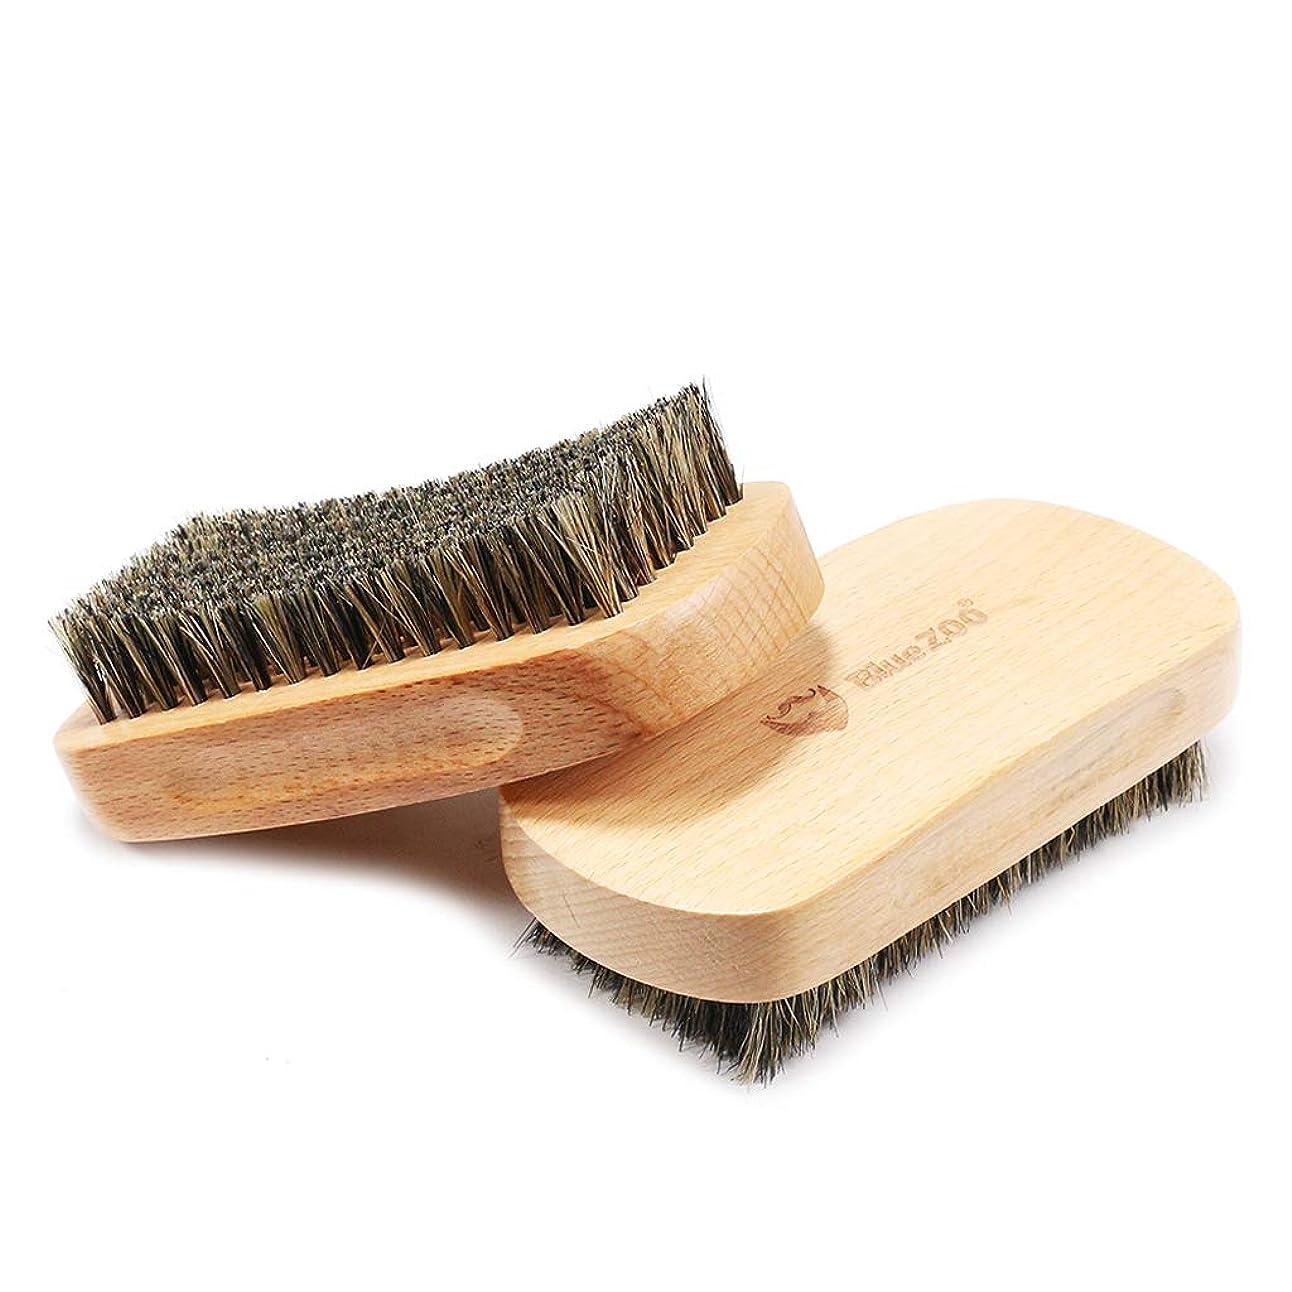 満足させる住人シネウィHellery シェービングブラシ メンズ 理容 洗顔 髭剃り ひげブラシ 散髪整理 理髪用 首/顔 髭剃り